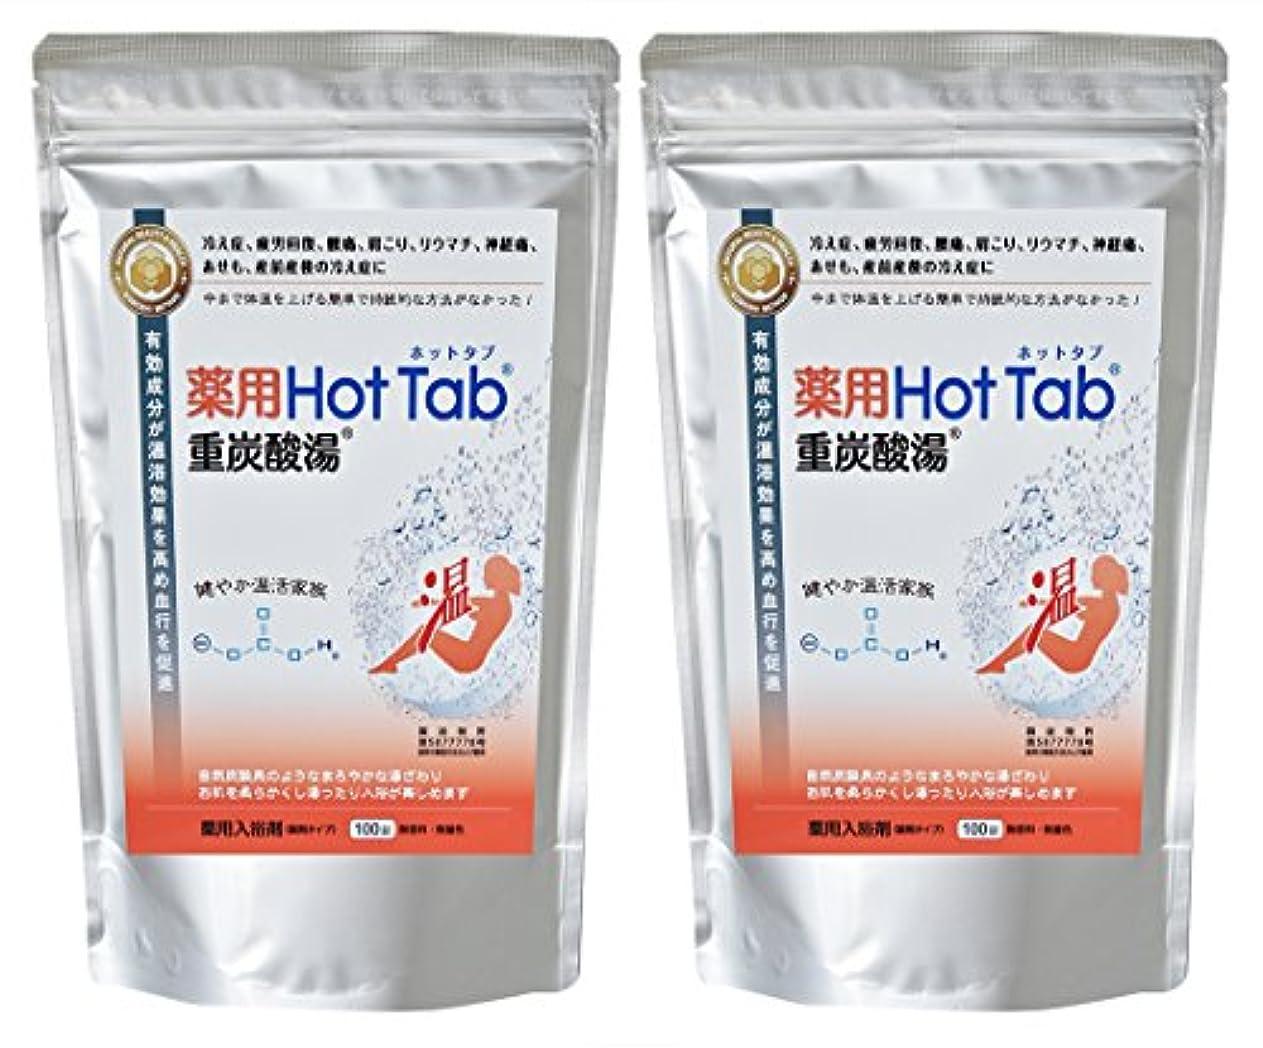 人気成長回路薬用 Hot Tab 重炭酸湯 100錠入りx2セット